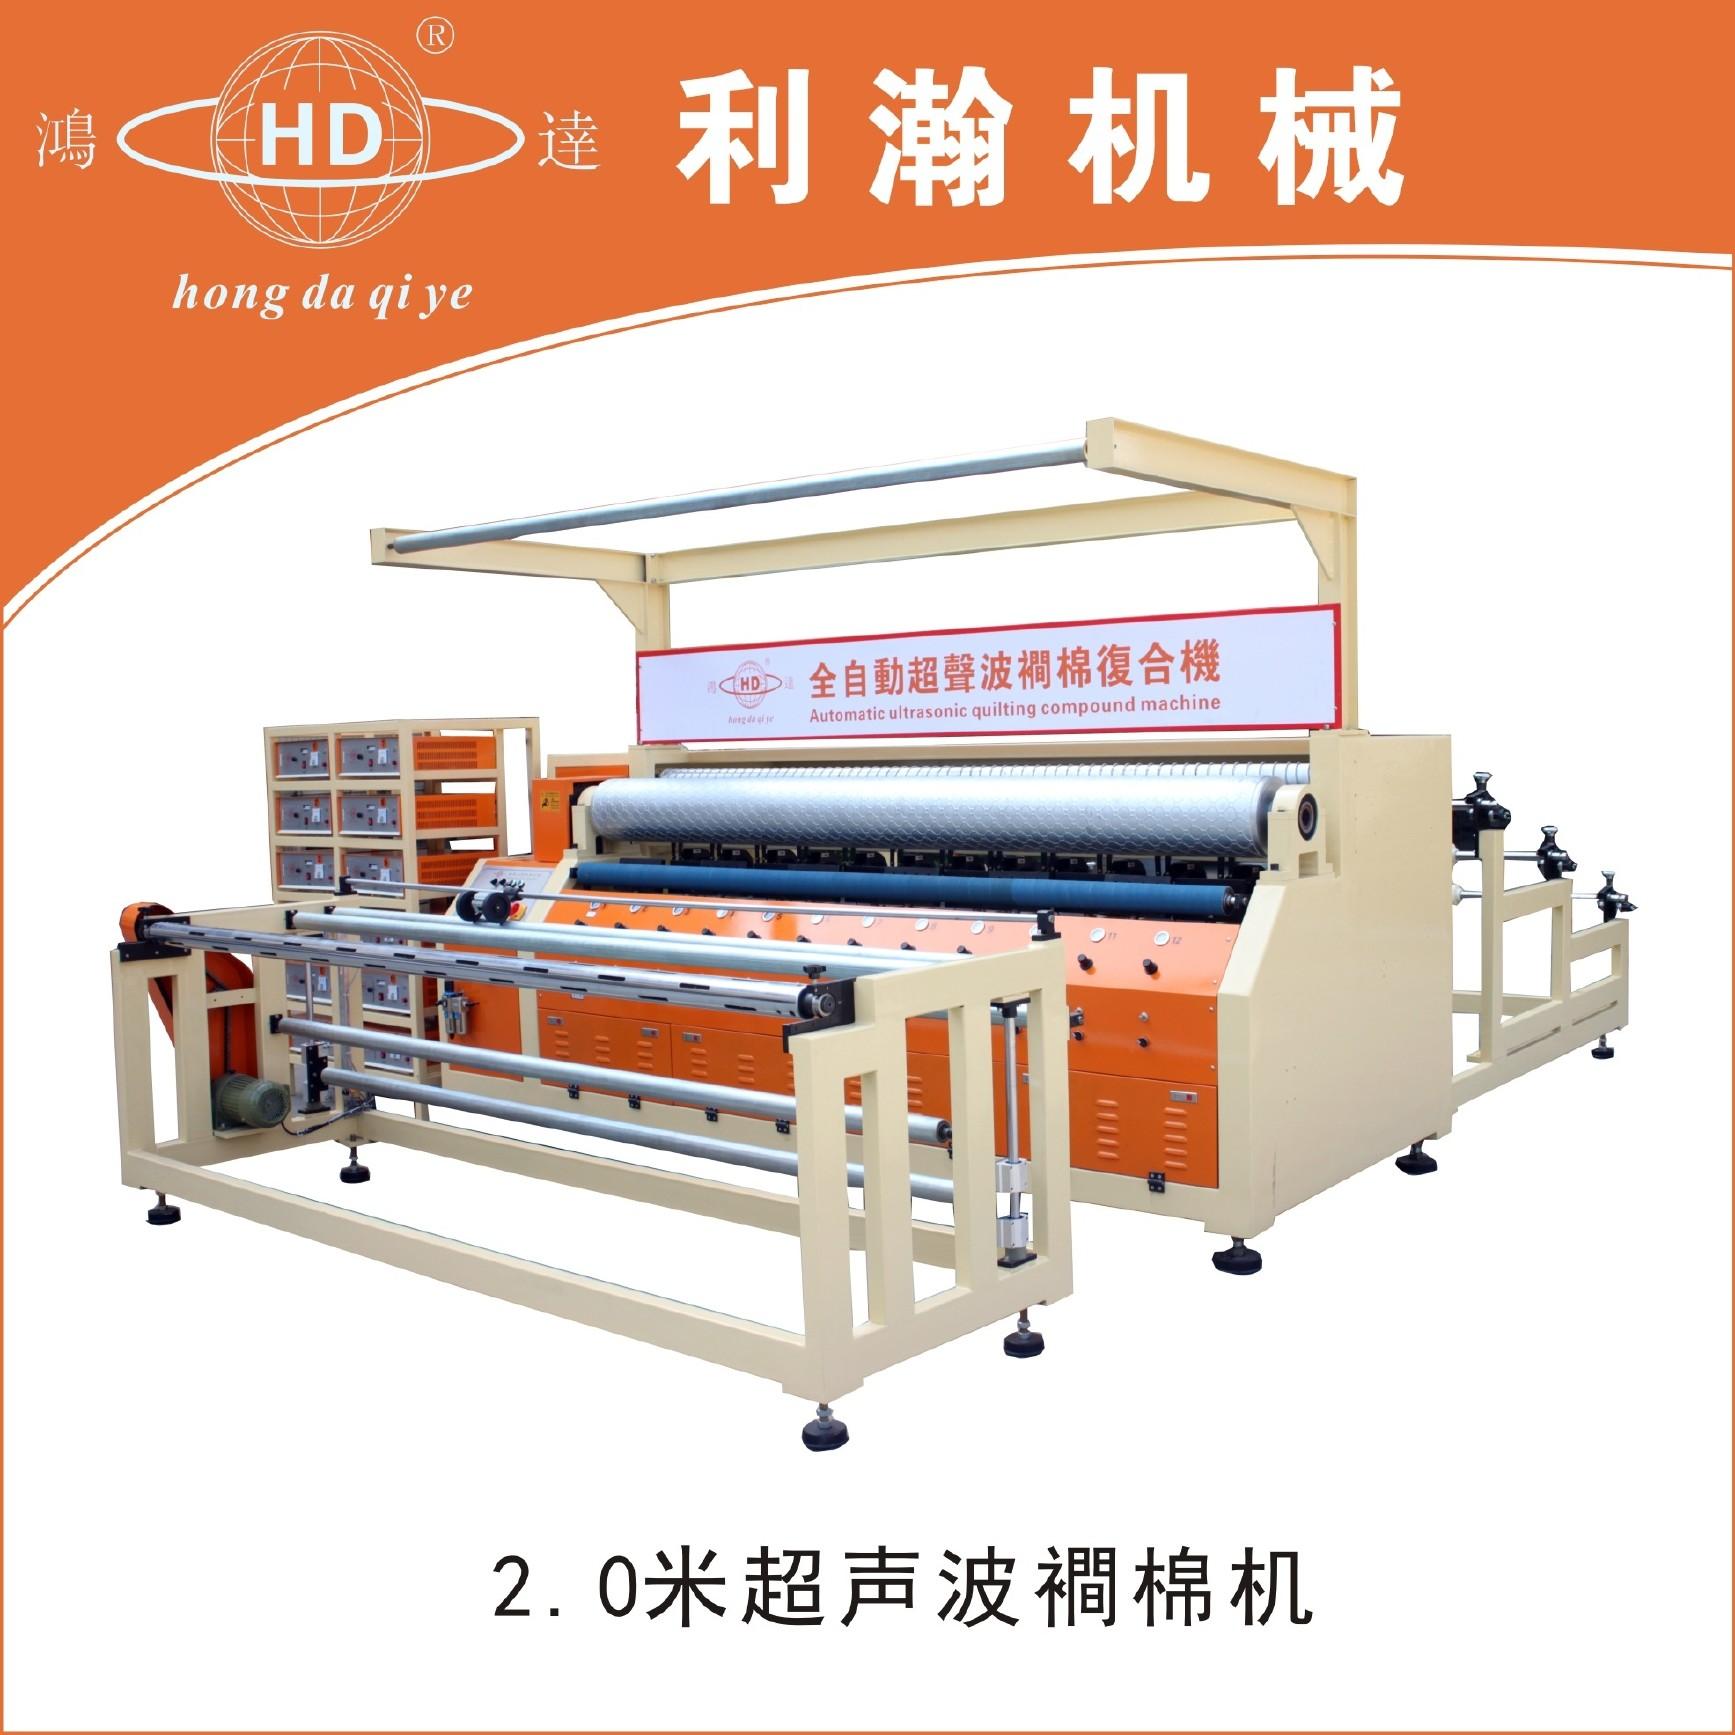 供应:裥棉机 压花机 复合机 超声波复合机 汽车滤纸复合机 滤芯复合机 厂家直销图片